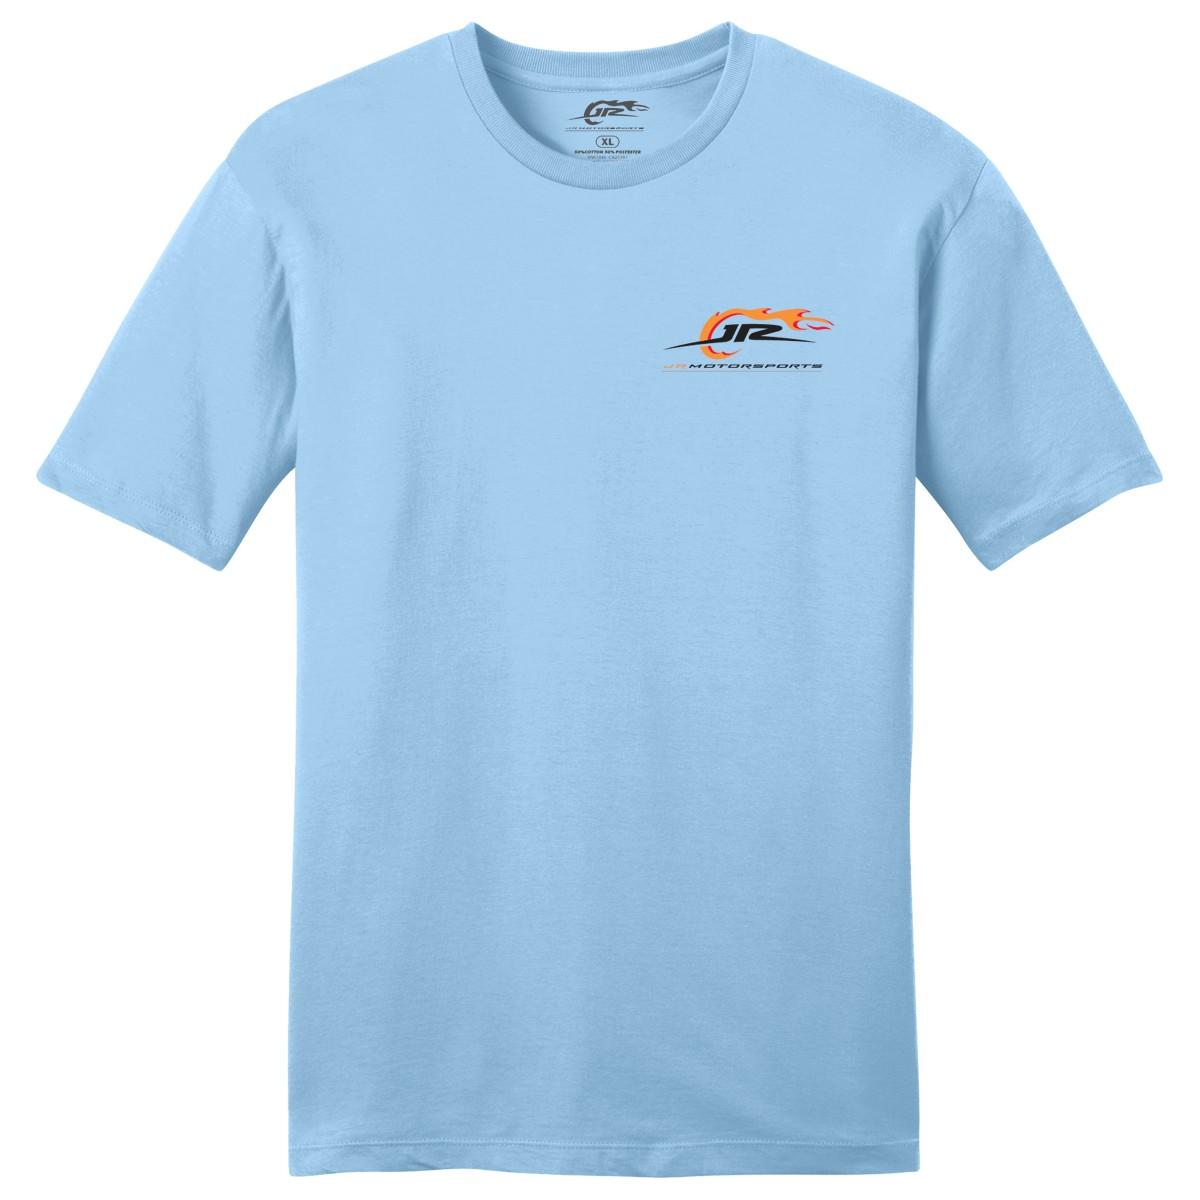 Noah Gragson #9 Bass Pro Lake T-Shirt